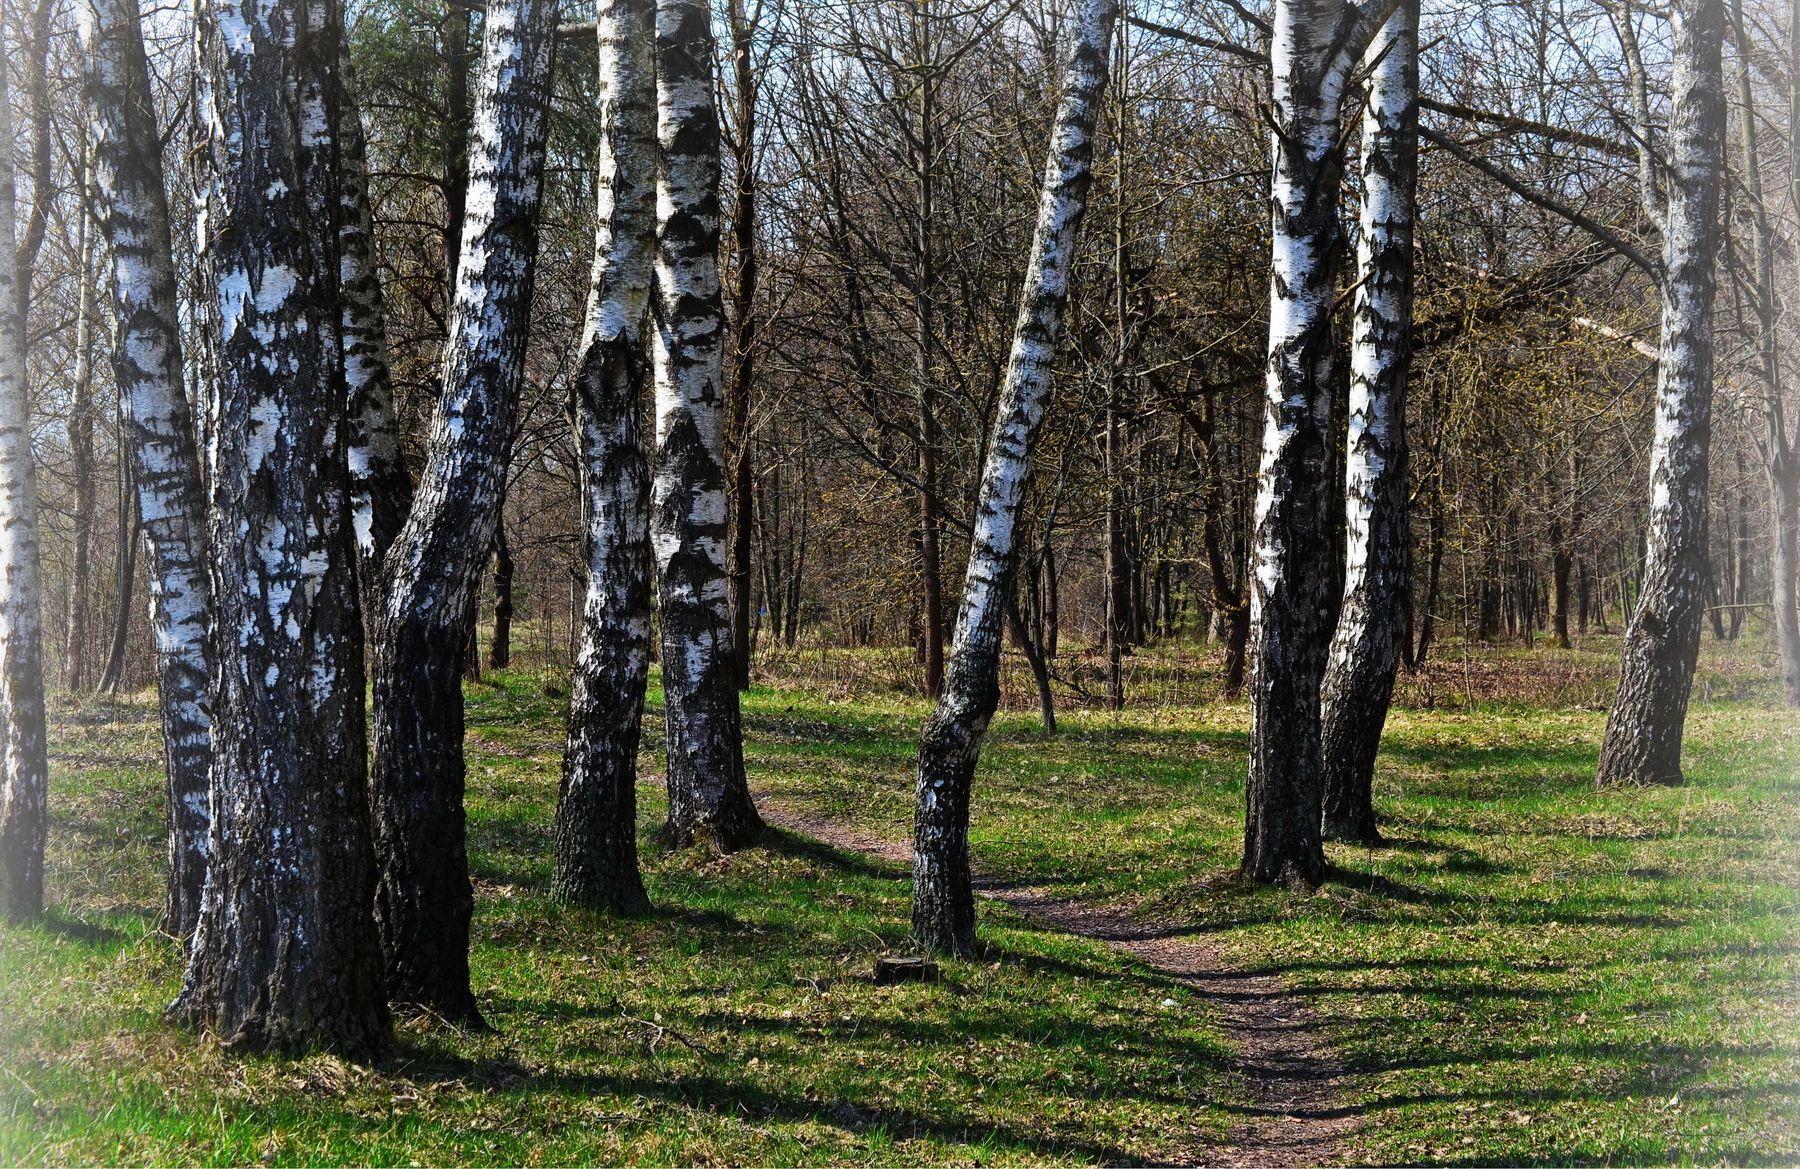 Берёзки-подружки. Весна берёзовая роща берёзка красота природы тропинка лес